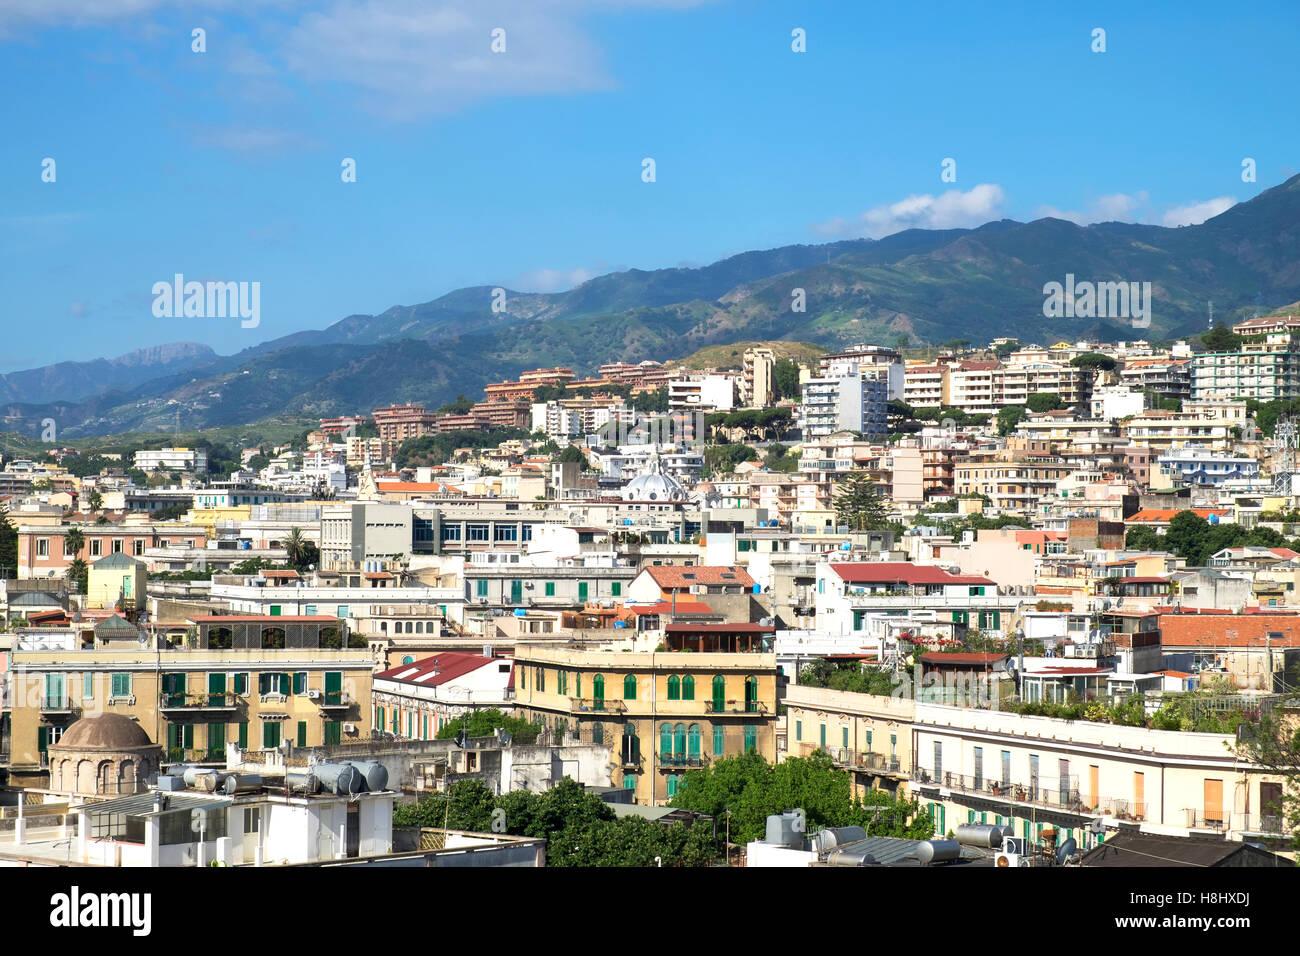 La ville de Messine en Sicile, Italie. Photo Stock